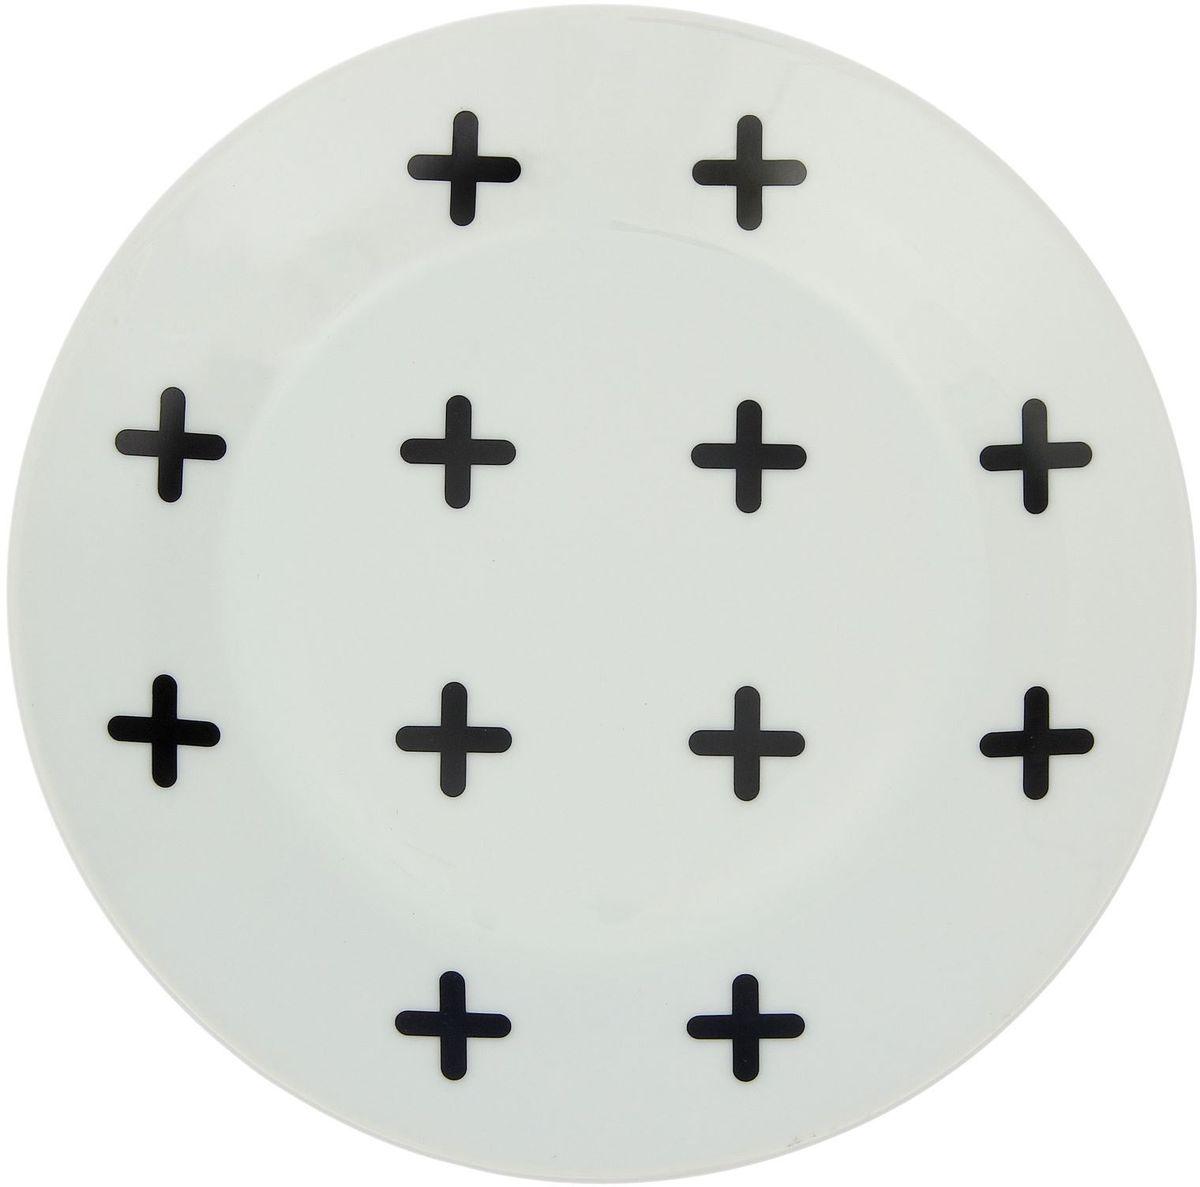 Тарелка мелкая Сотвори чудо My Little Cross, диаметр 20 см1971988Хотите обновить интерьер кухни или гостиной? Устраиваете необычную фотосессию или тематический праздник? А может, просто ищете подарок для близкого человека? Посуда Сотвори Чудо — правильный выбор в любой ситуации. Тарелка Сотвори Чудо, изготовленная из изящного фаянса нежного сливочного цвета, оформлена оригинальным рисунком со стойкой краской. Пригодна для посудомоечной машины.